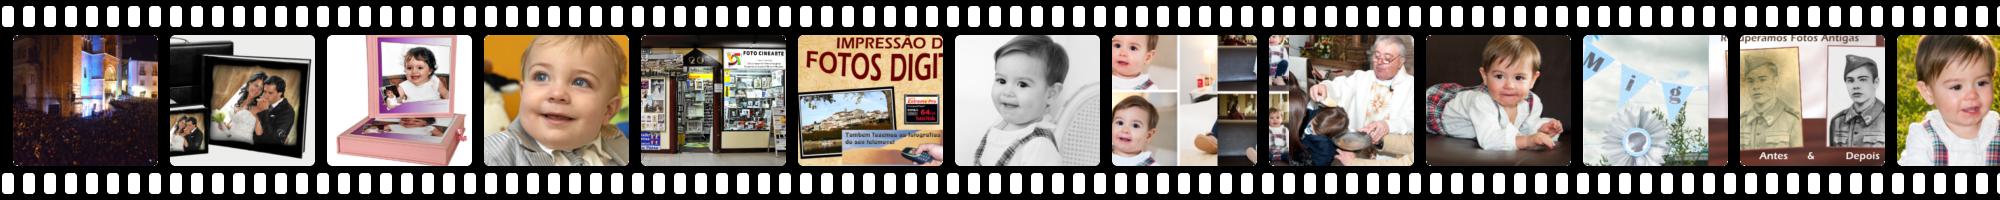 slideshow-pelicula-filme-am-004